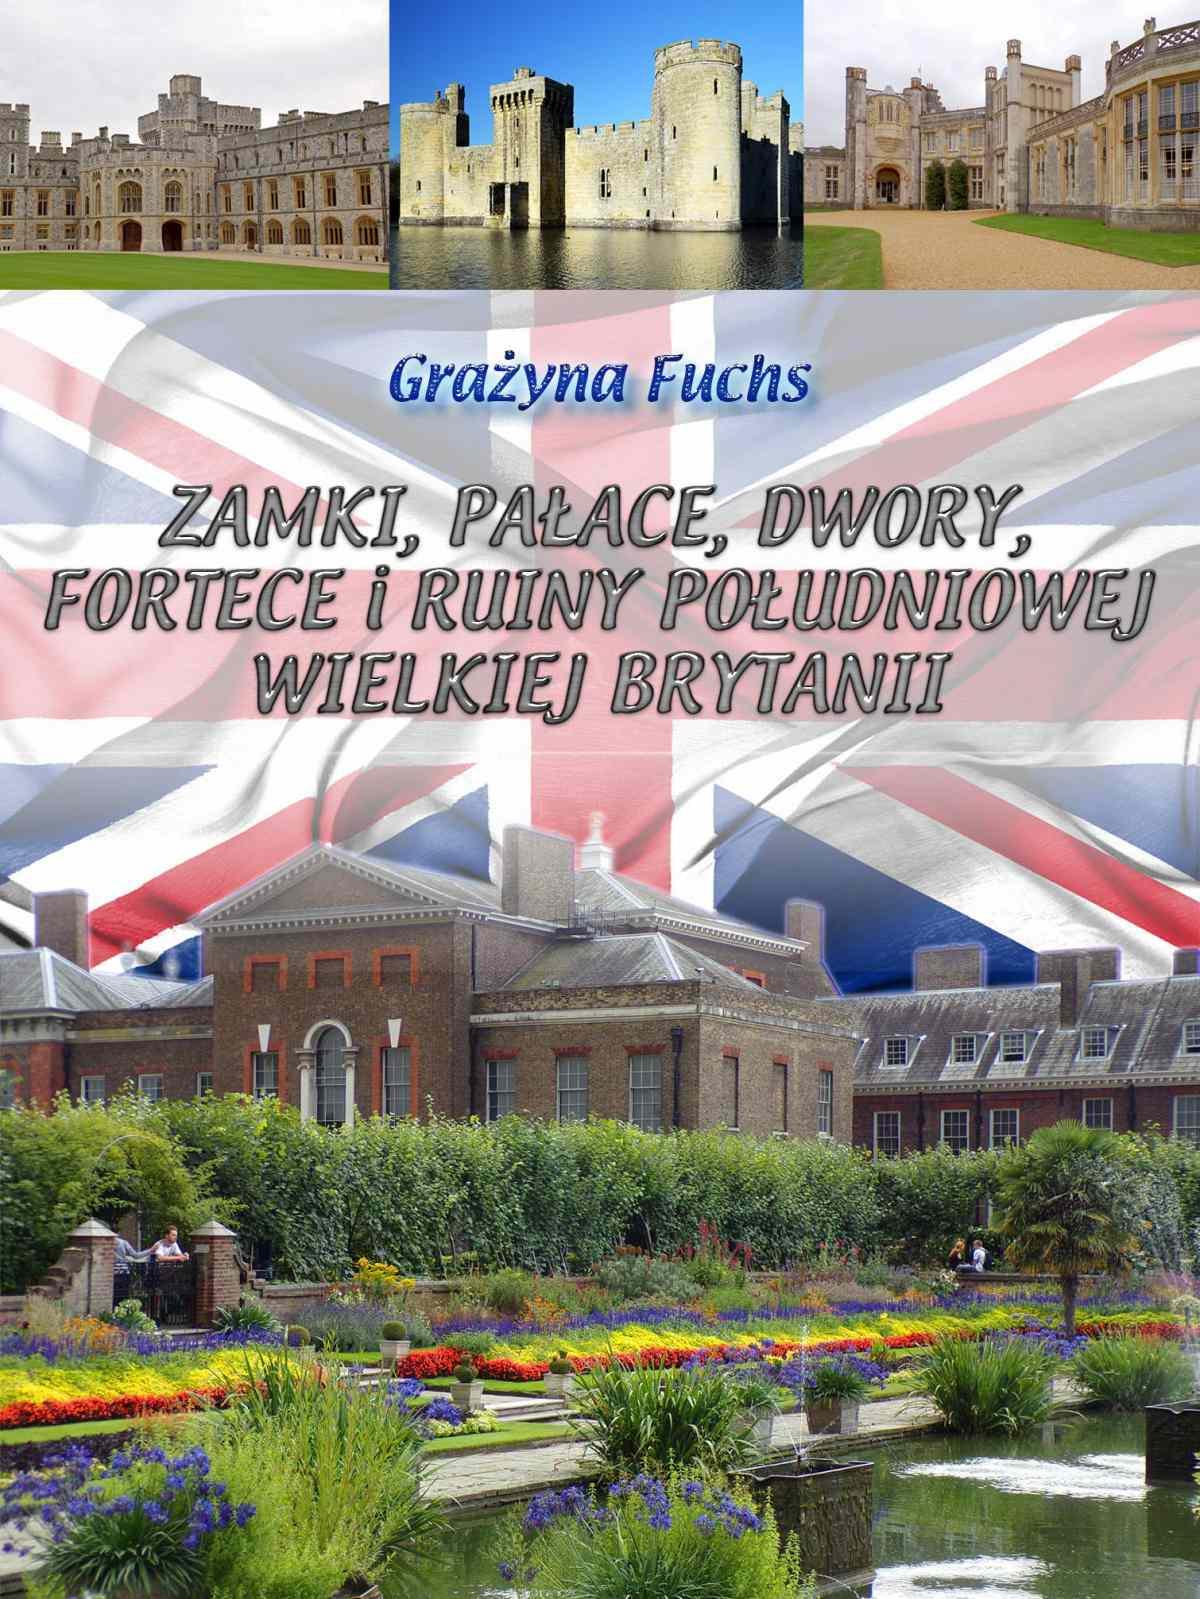 Zamki, pałace, dwory, fortece i ruiny południowej Wielkiej Brytanii - Ebook (Książka EPUB) do pobrania w formacie EPUB